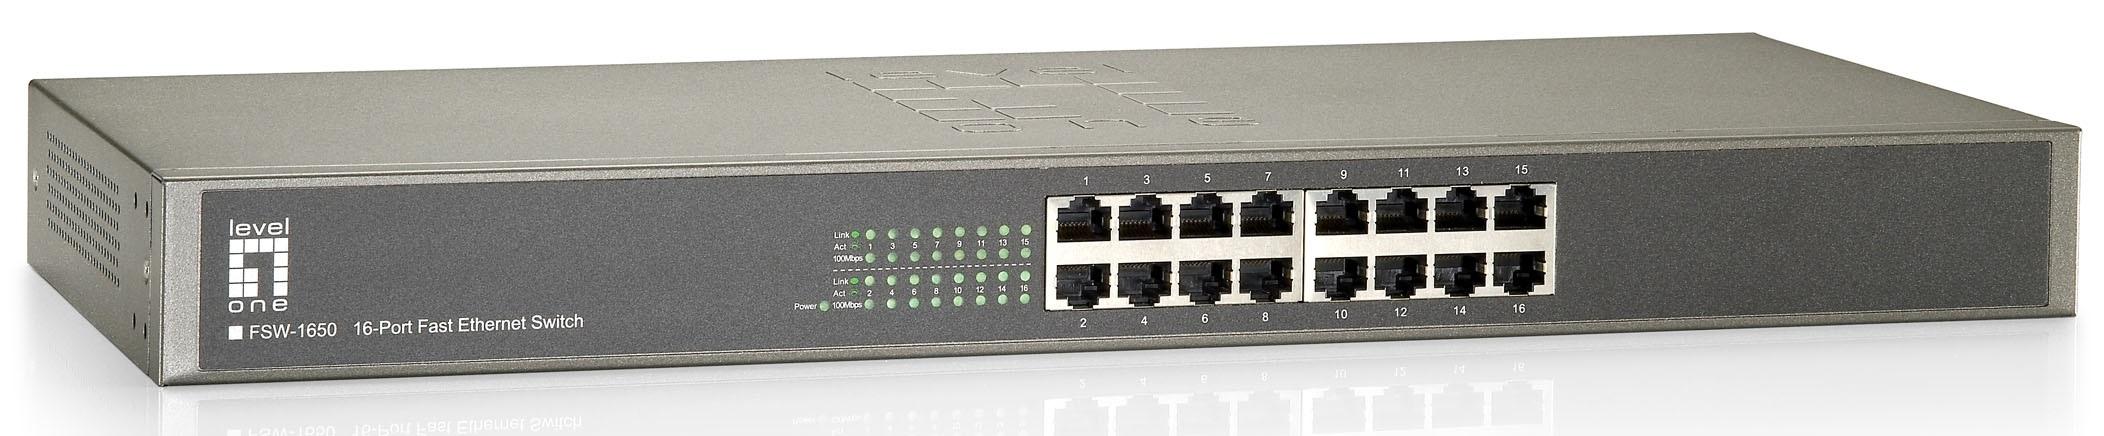 1 Stk Switch 16xRJ45 10/100 Leise, Lüfterlos, internes Netzteil QLFSW1650-